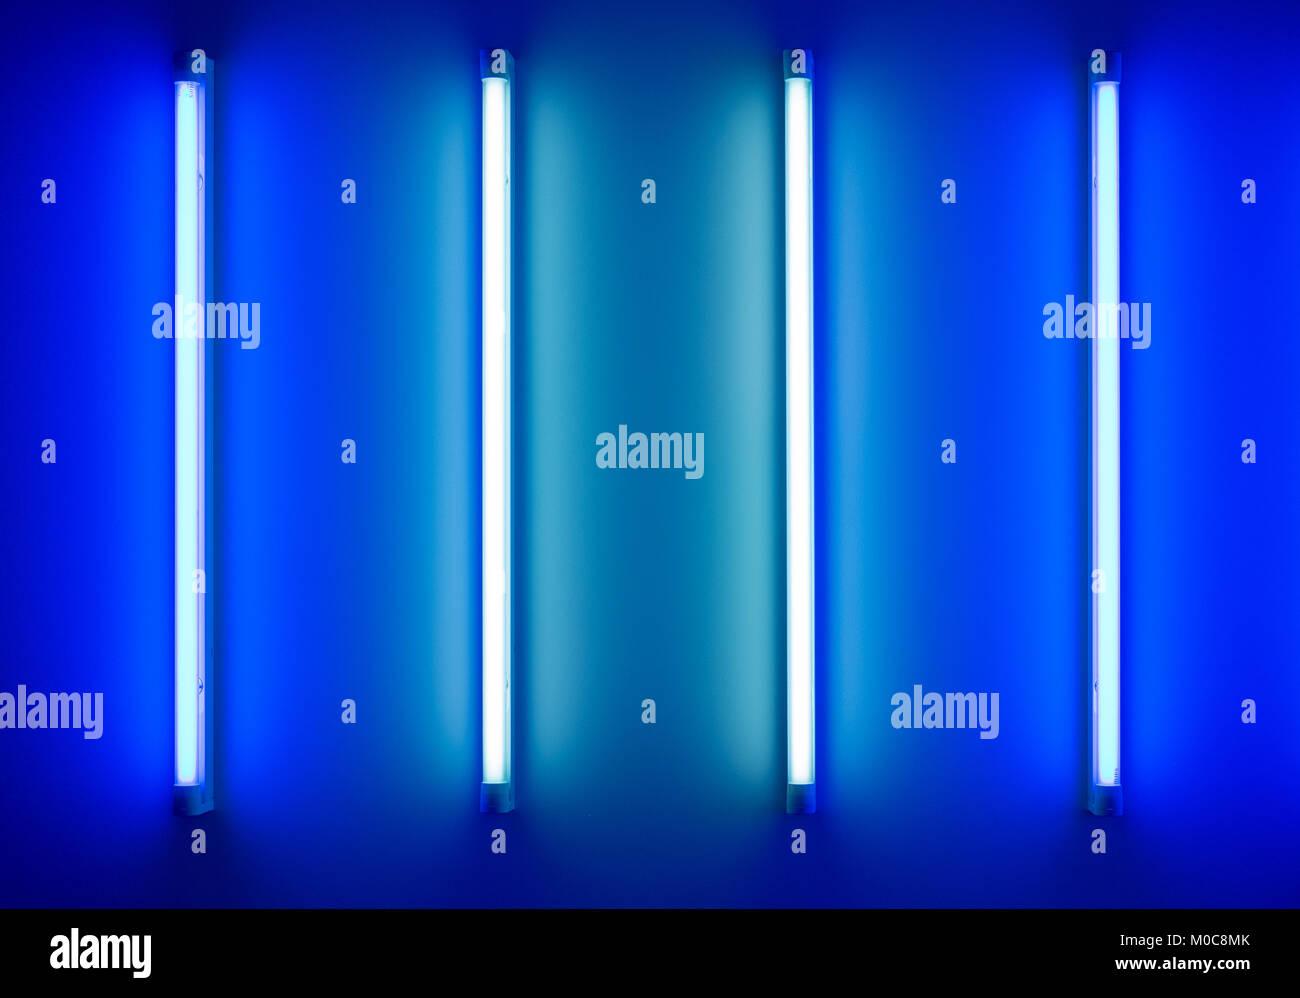 Lampade Al Neon Da Parete tubi al neon immagini e fotos stock - alamy